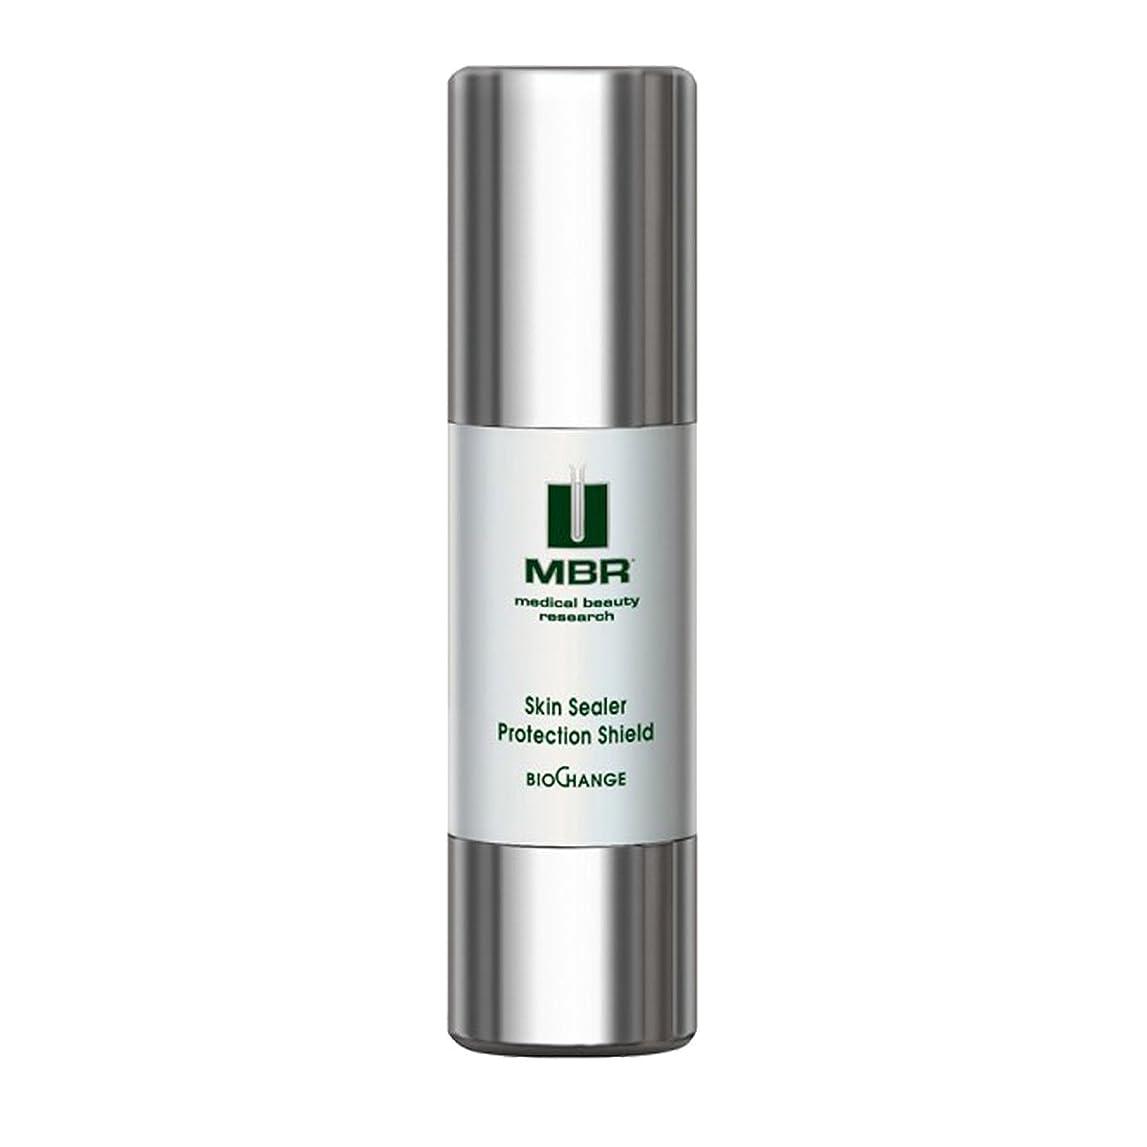 小売論理的に委任MBR Medical Beauty Research BioChange Skin Sealer Protection Shield 30ml/1oz並行輸入品